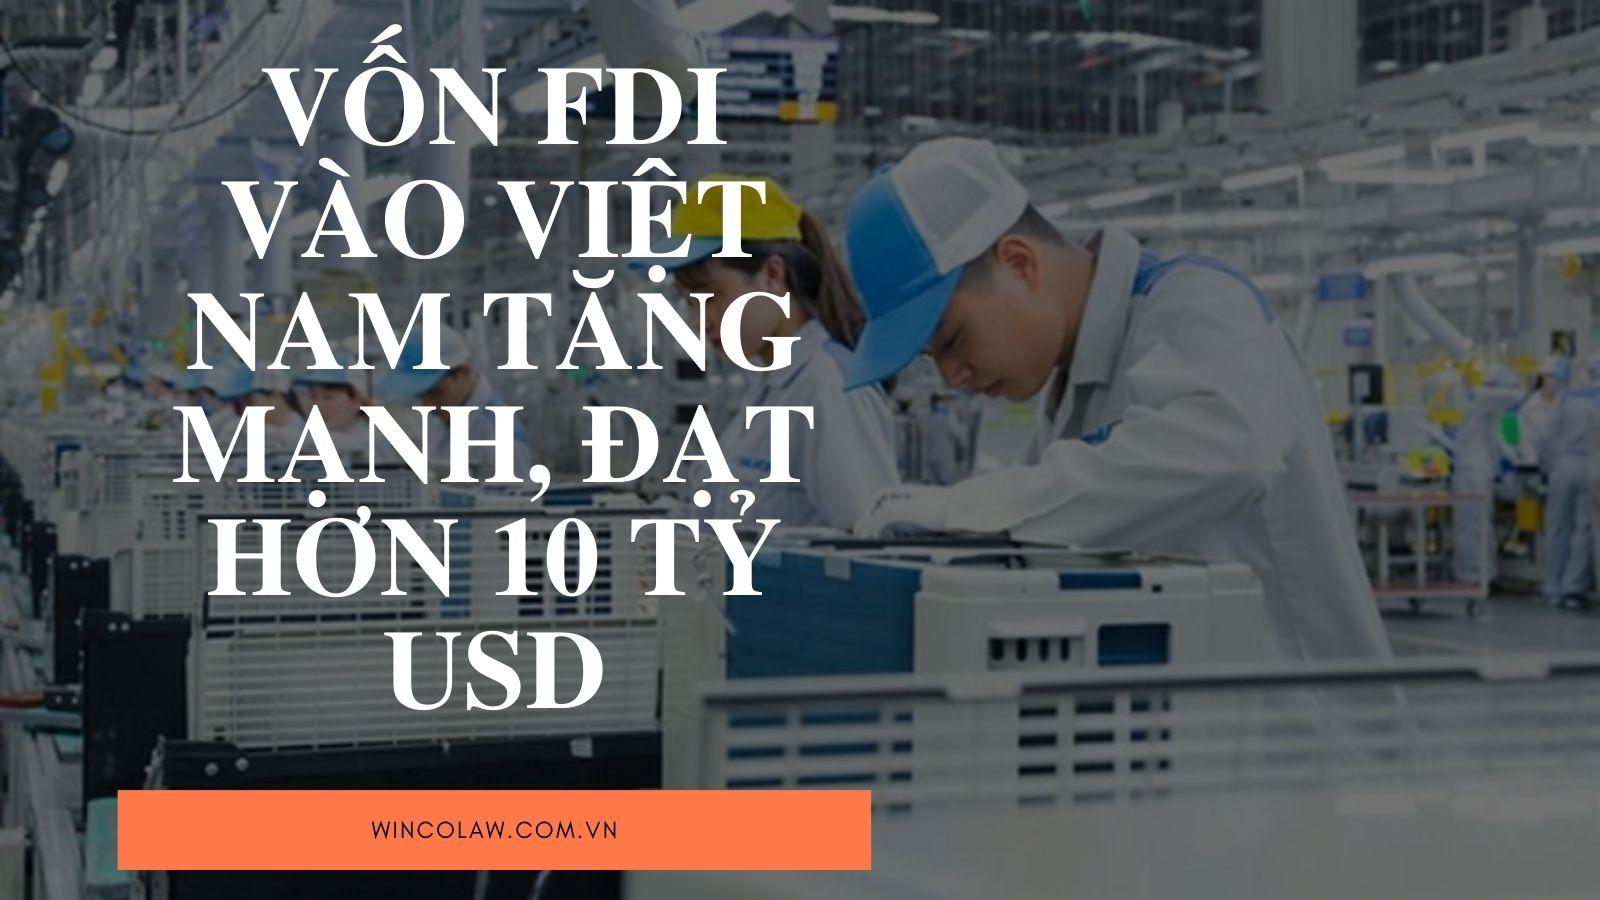 Vốn FDI vào Việt Nam tăng mạnh, đạt hơn 10 tỷ USD